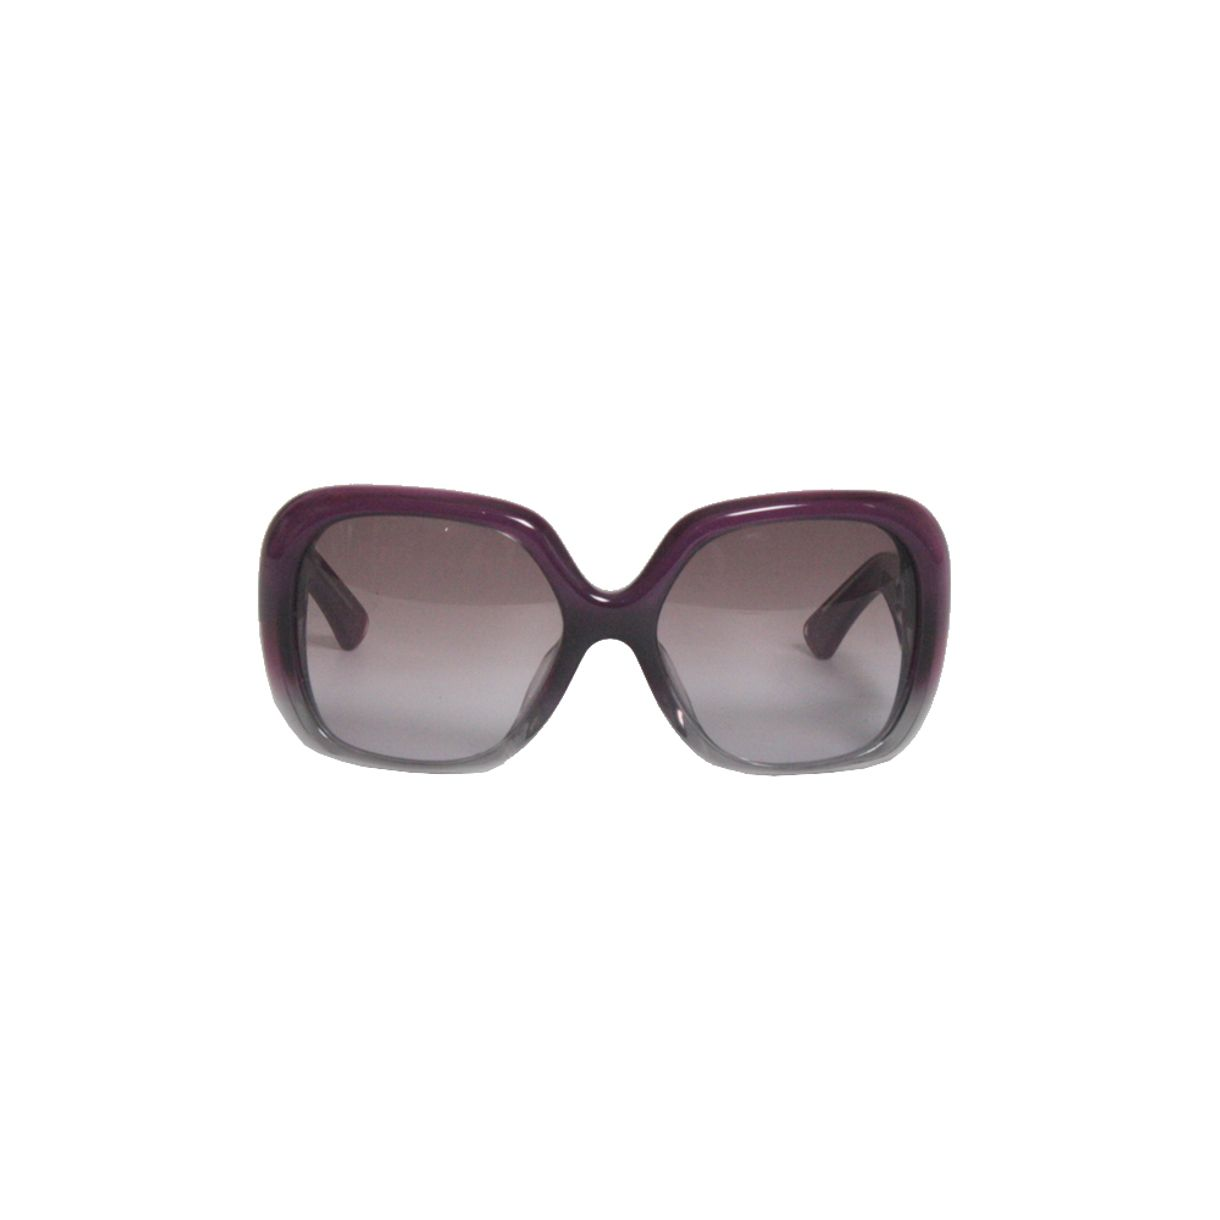 Oculos-Emilio-Pucci-Square-Roxo-Degrade